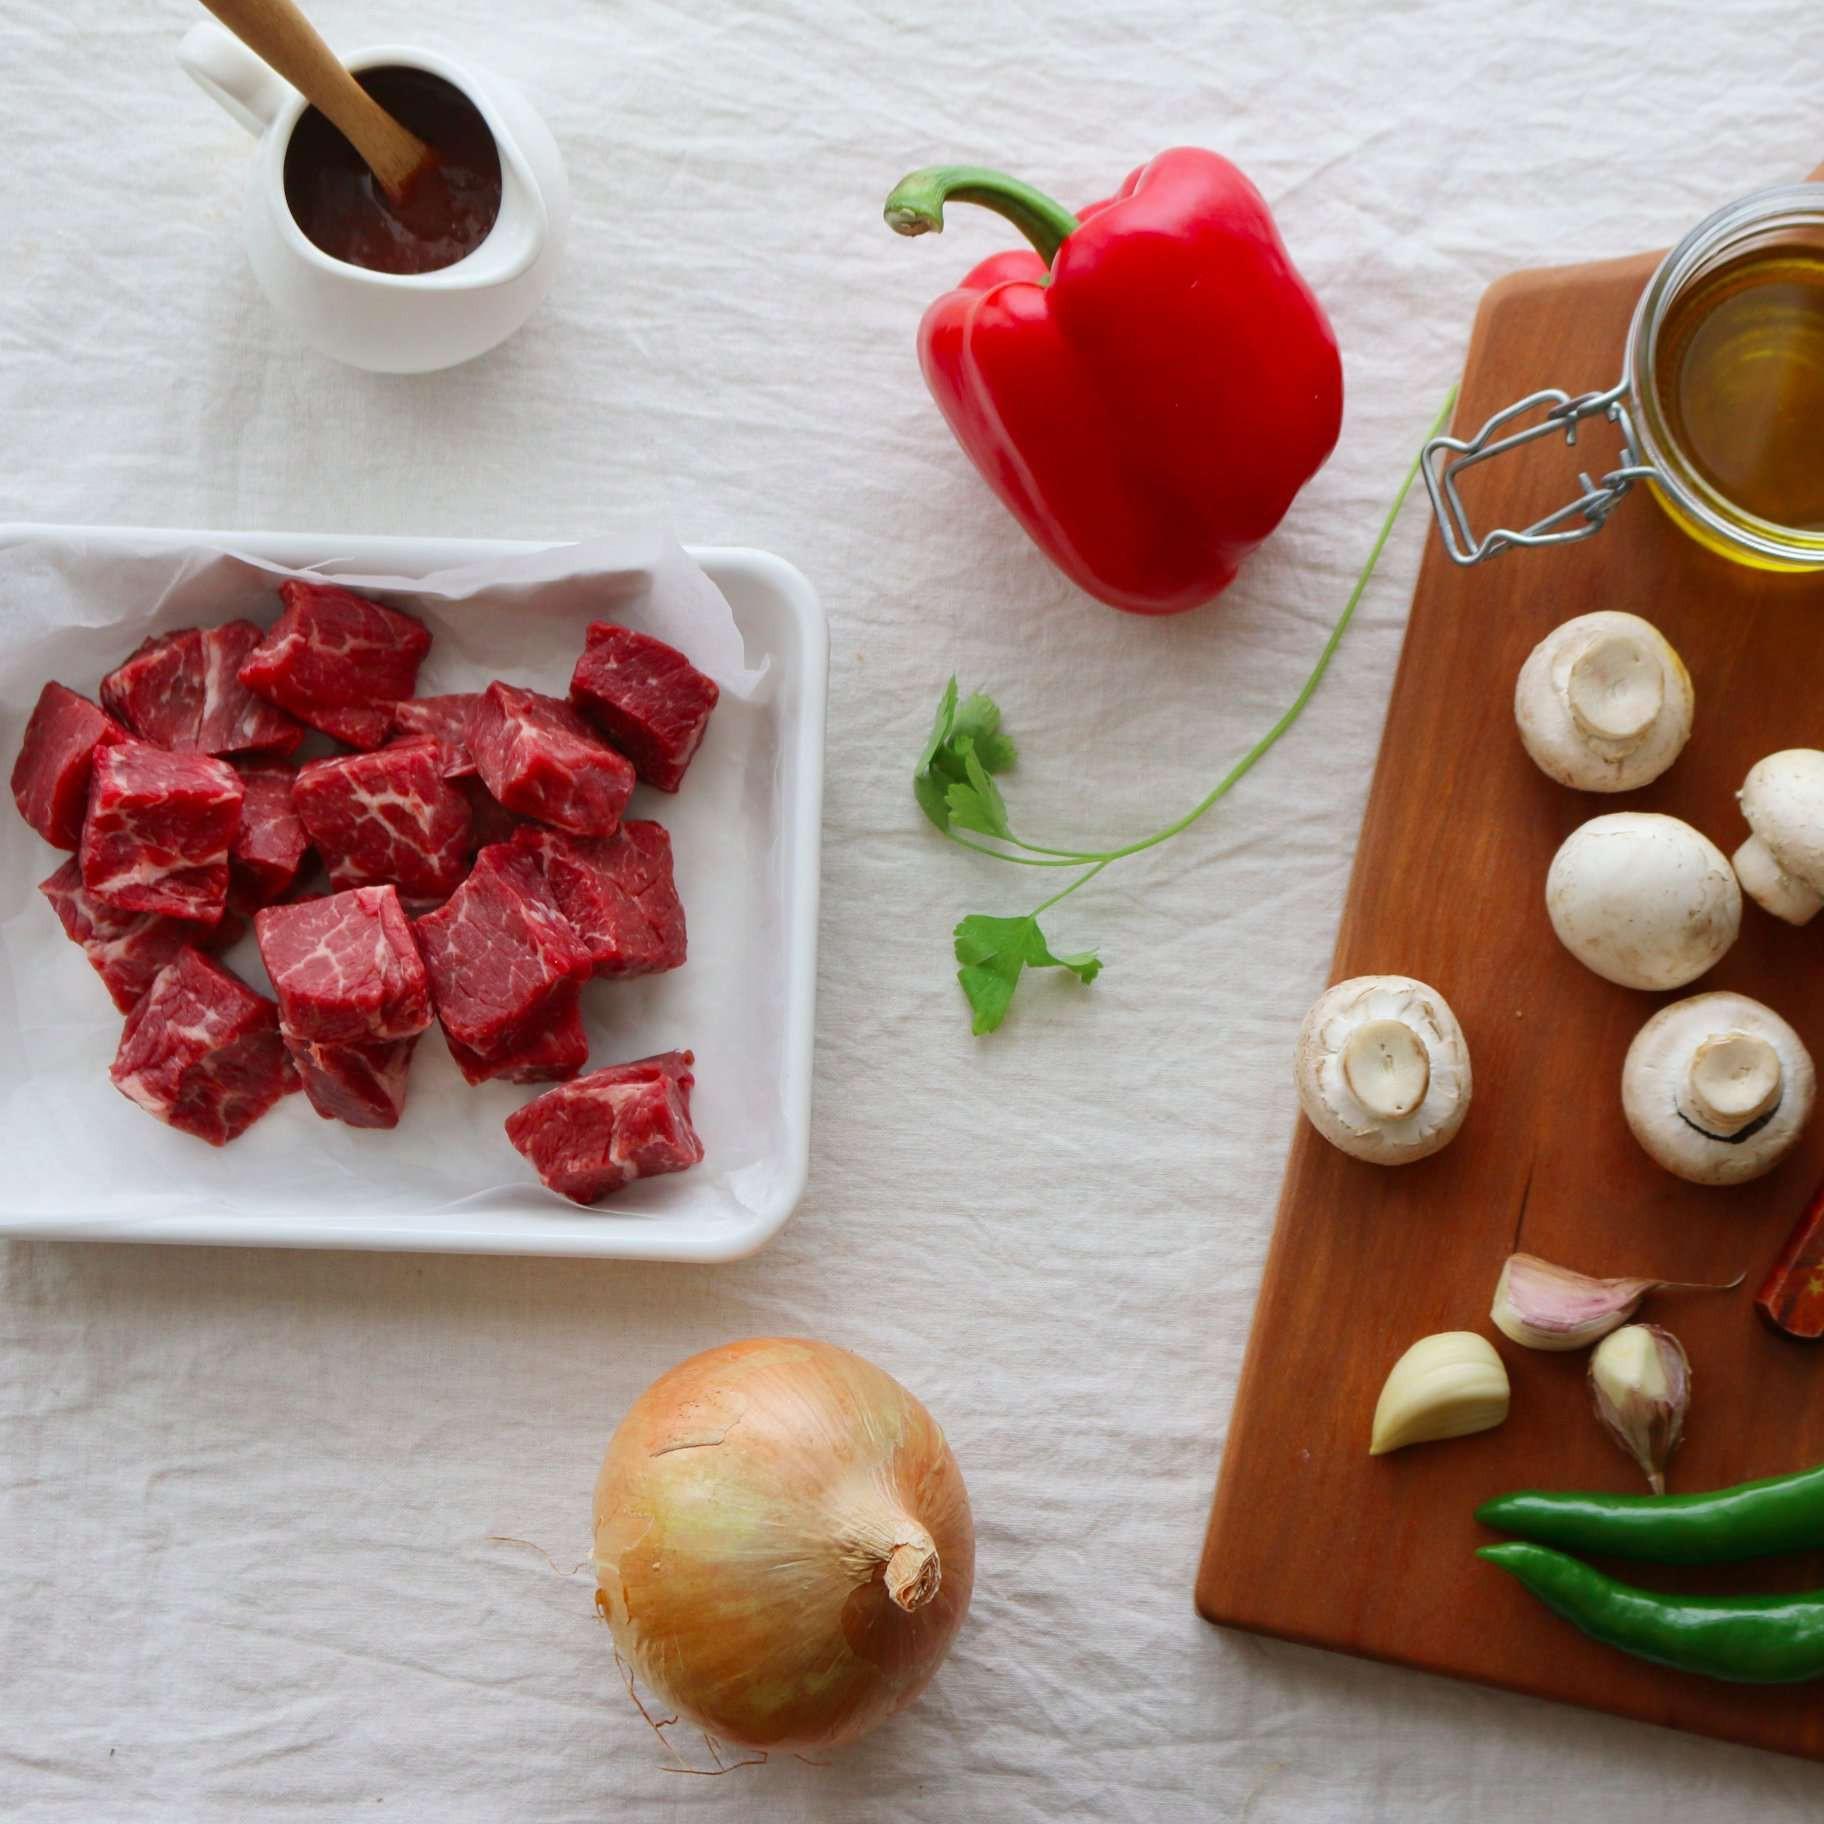 Để có món bò xào mềm ngon, bạn nhất định phải thử công thức này - Ảnh 1